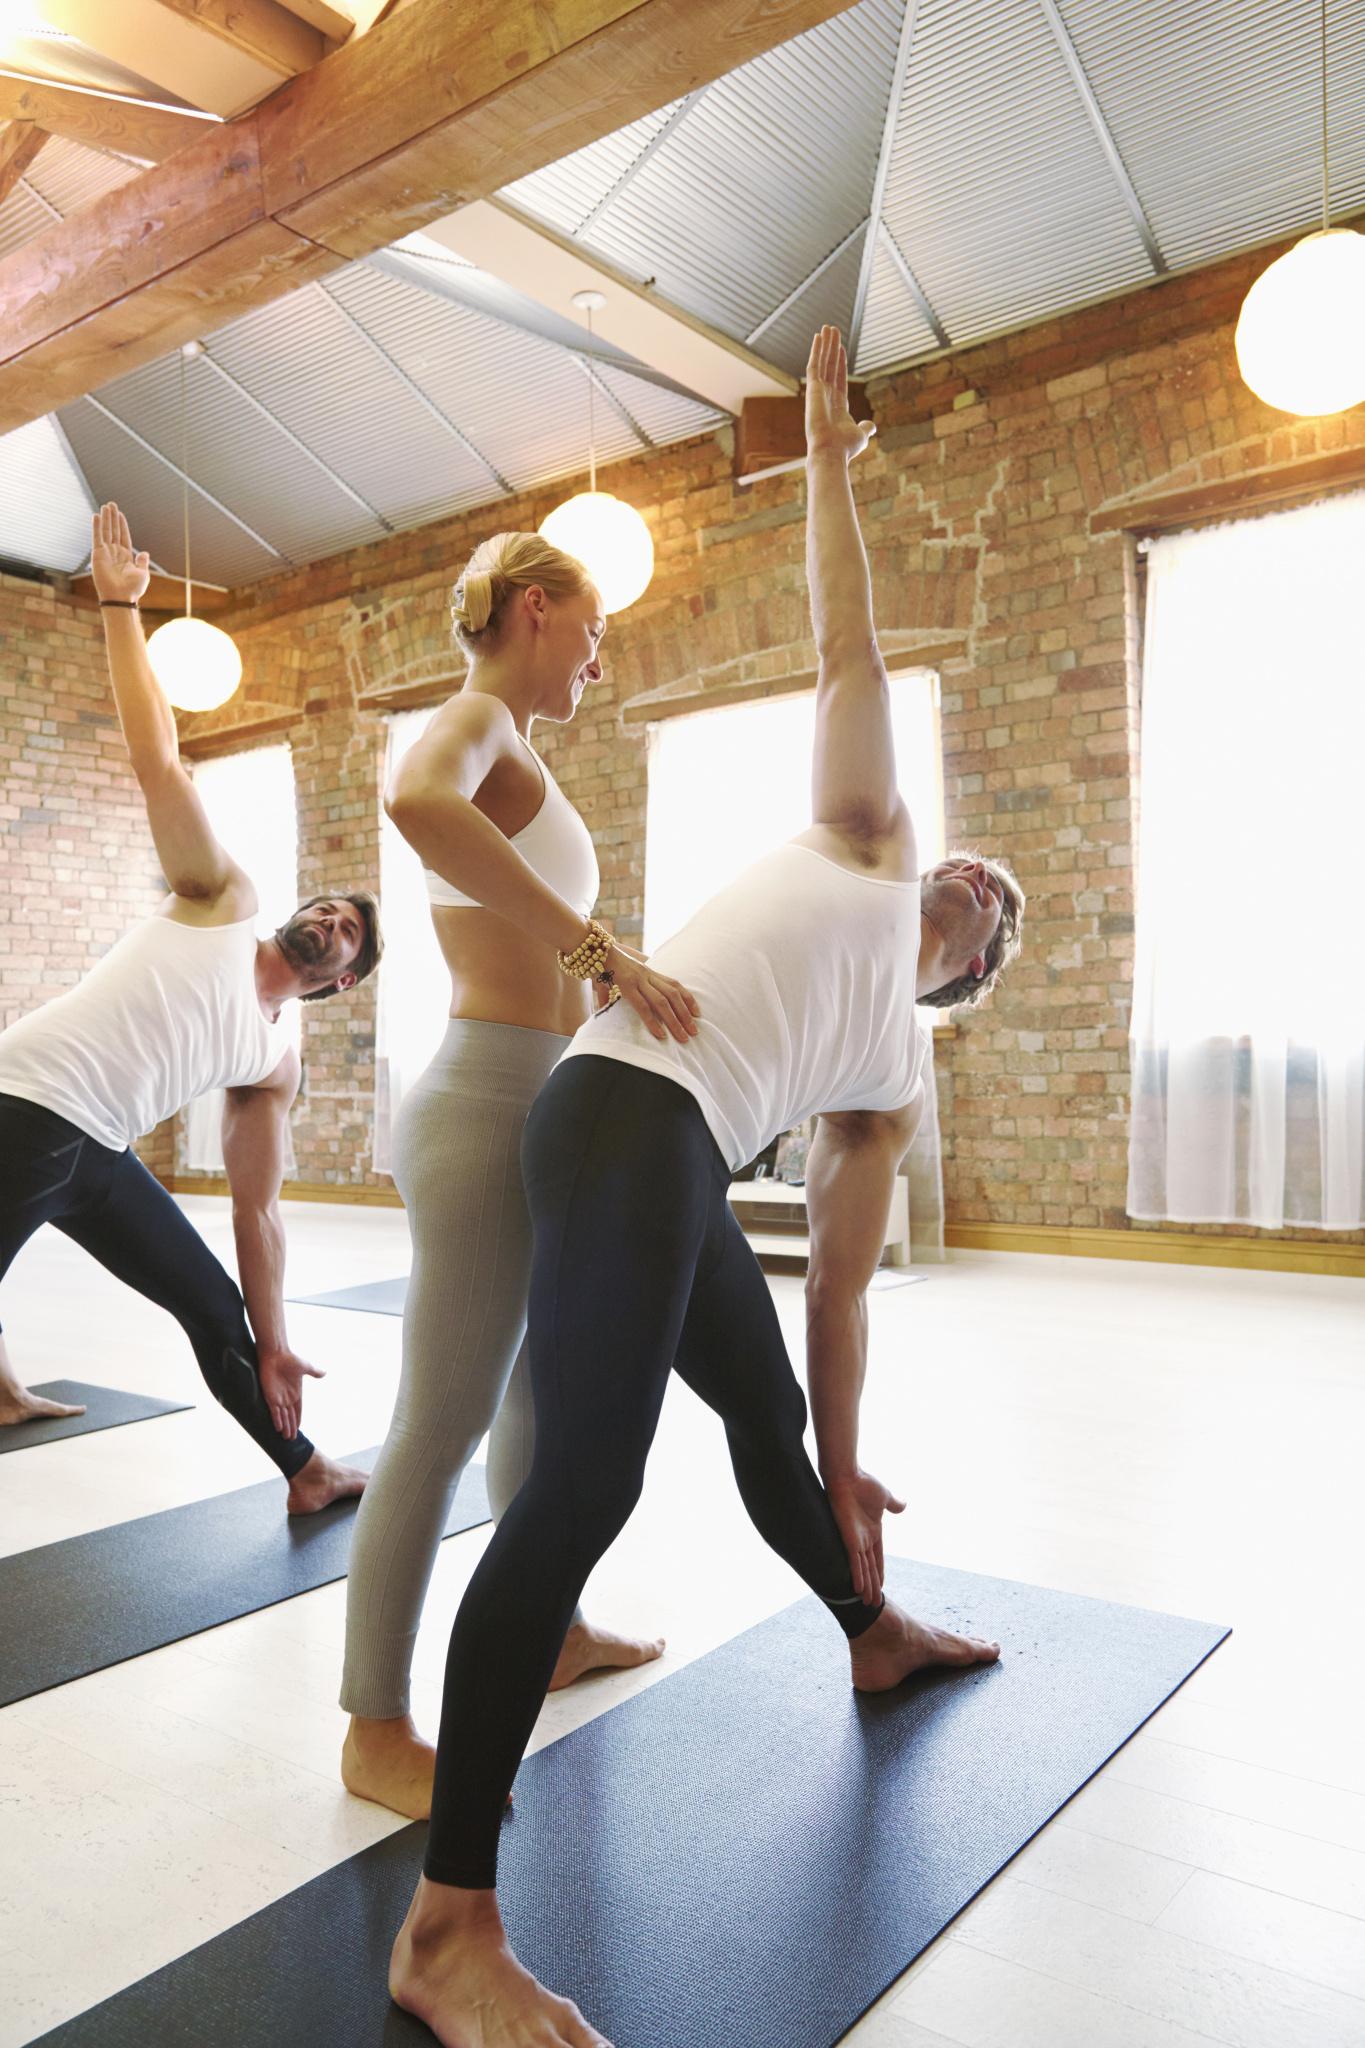 懒人减肥最好的方法_六种减肥最好的方法 顶级燃脂瘦身必备攻略